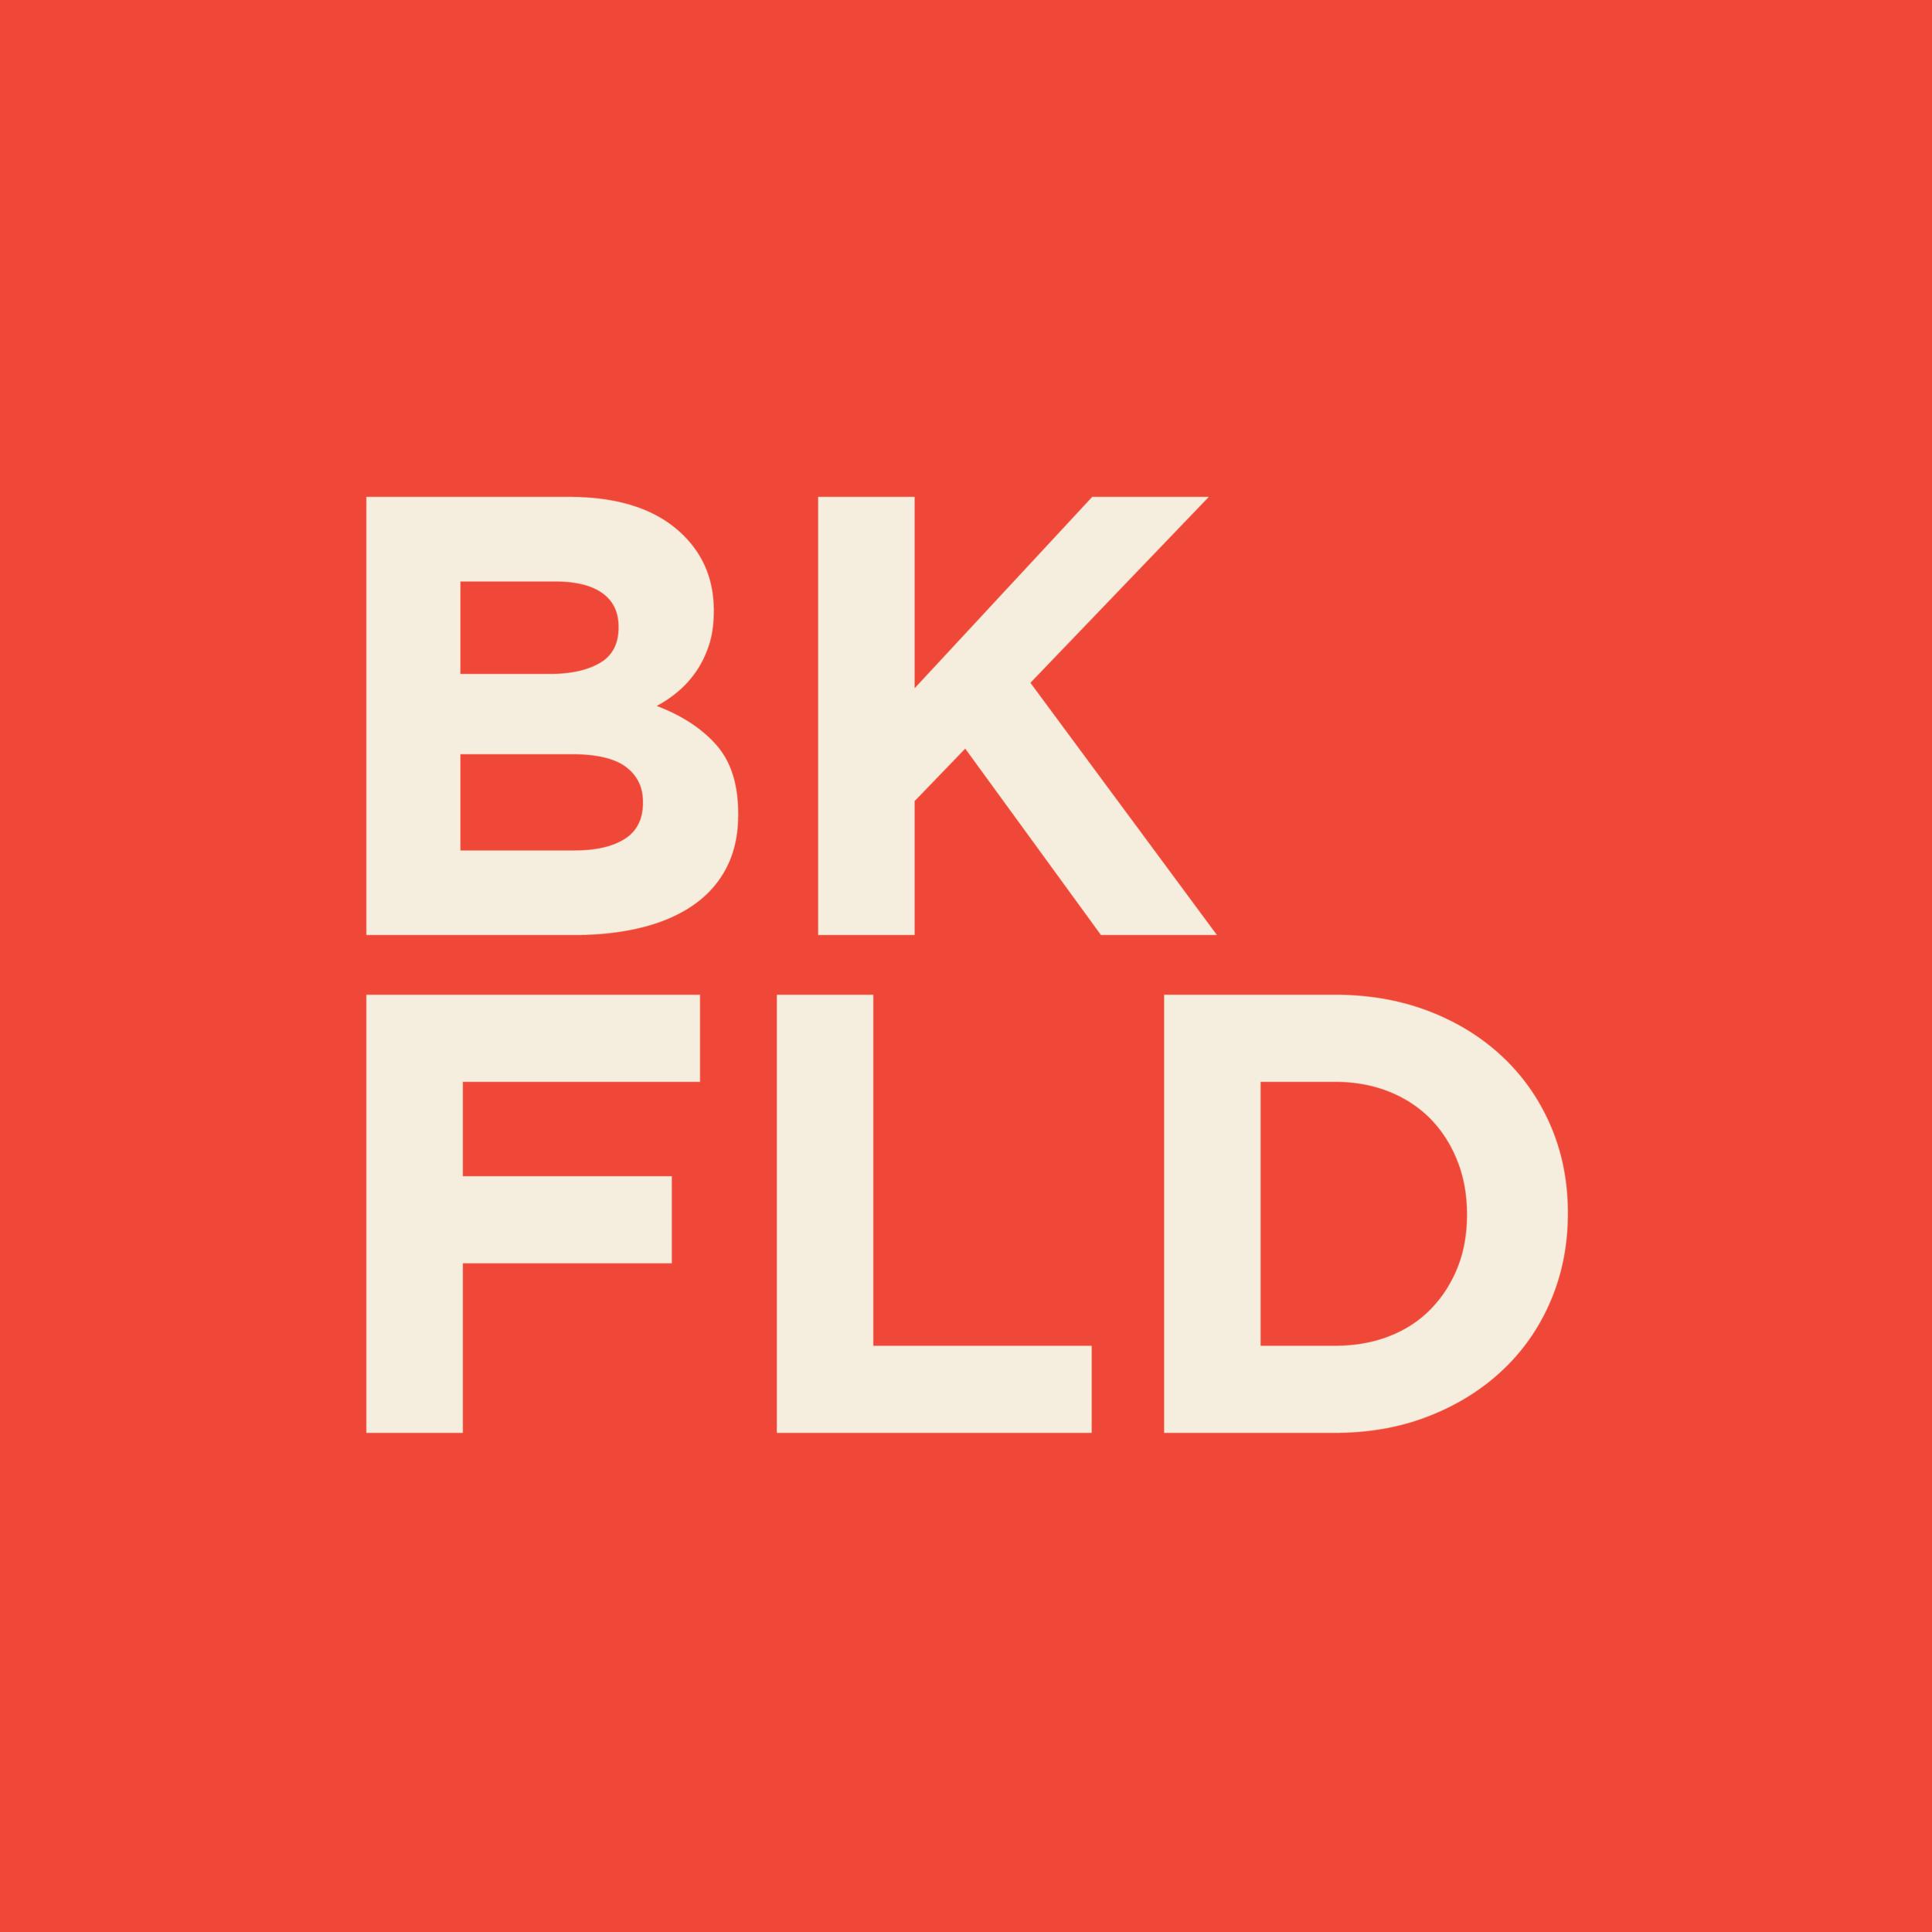 BIBKFLD_Logo_Square_Social_BKFLD-Stack_Orange-Tan.png